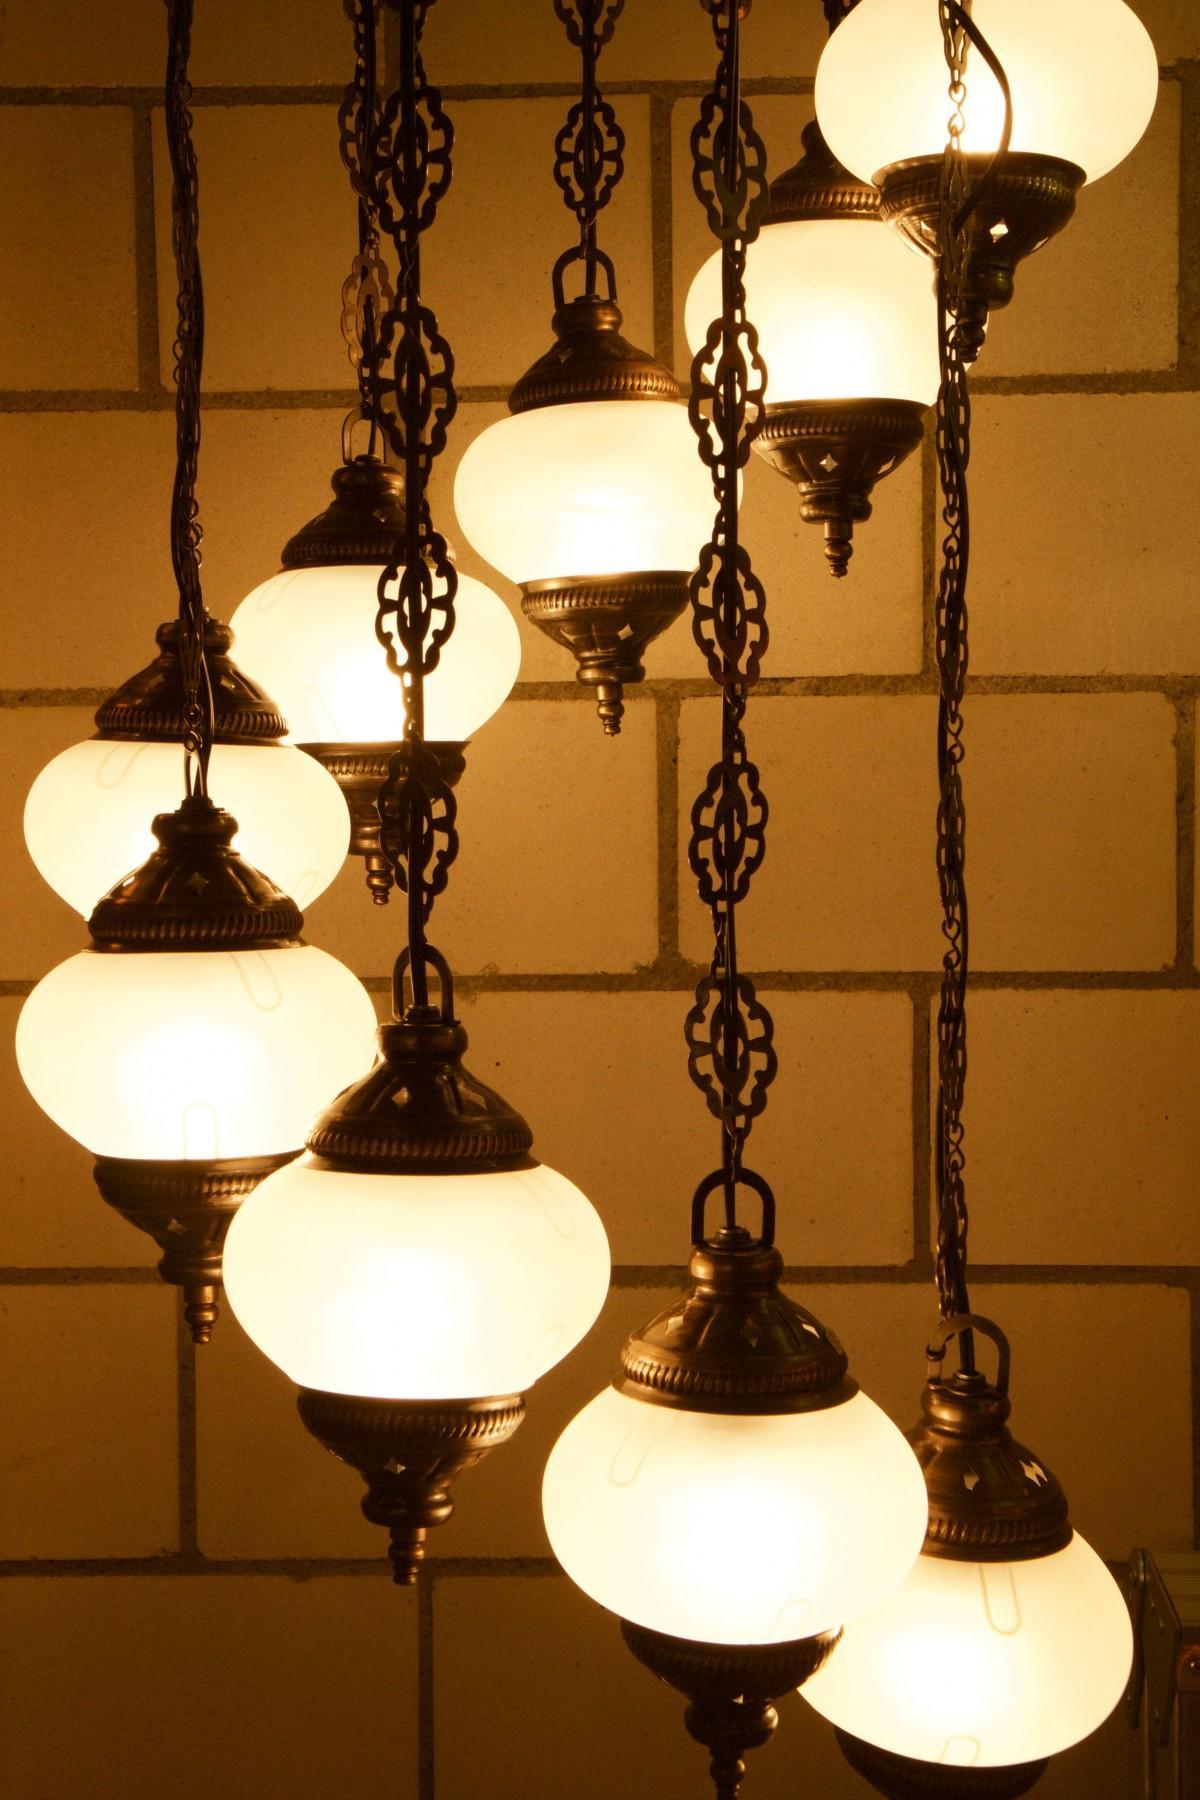 Lampe Orientalisch Decke